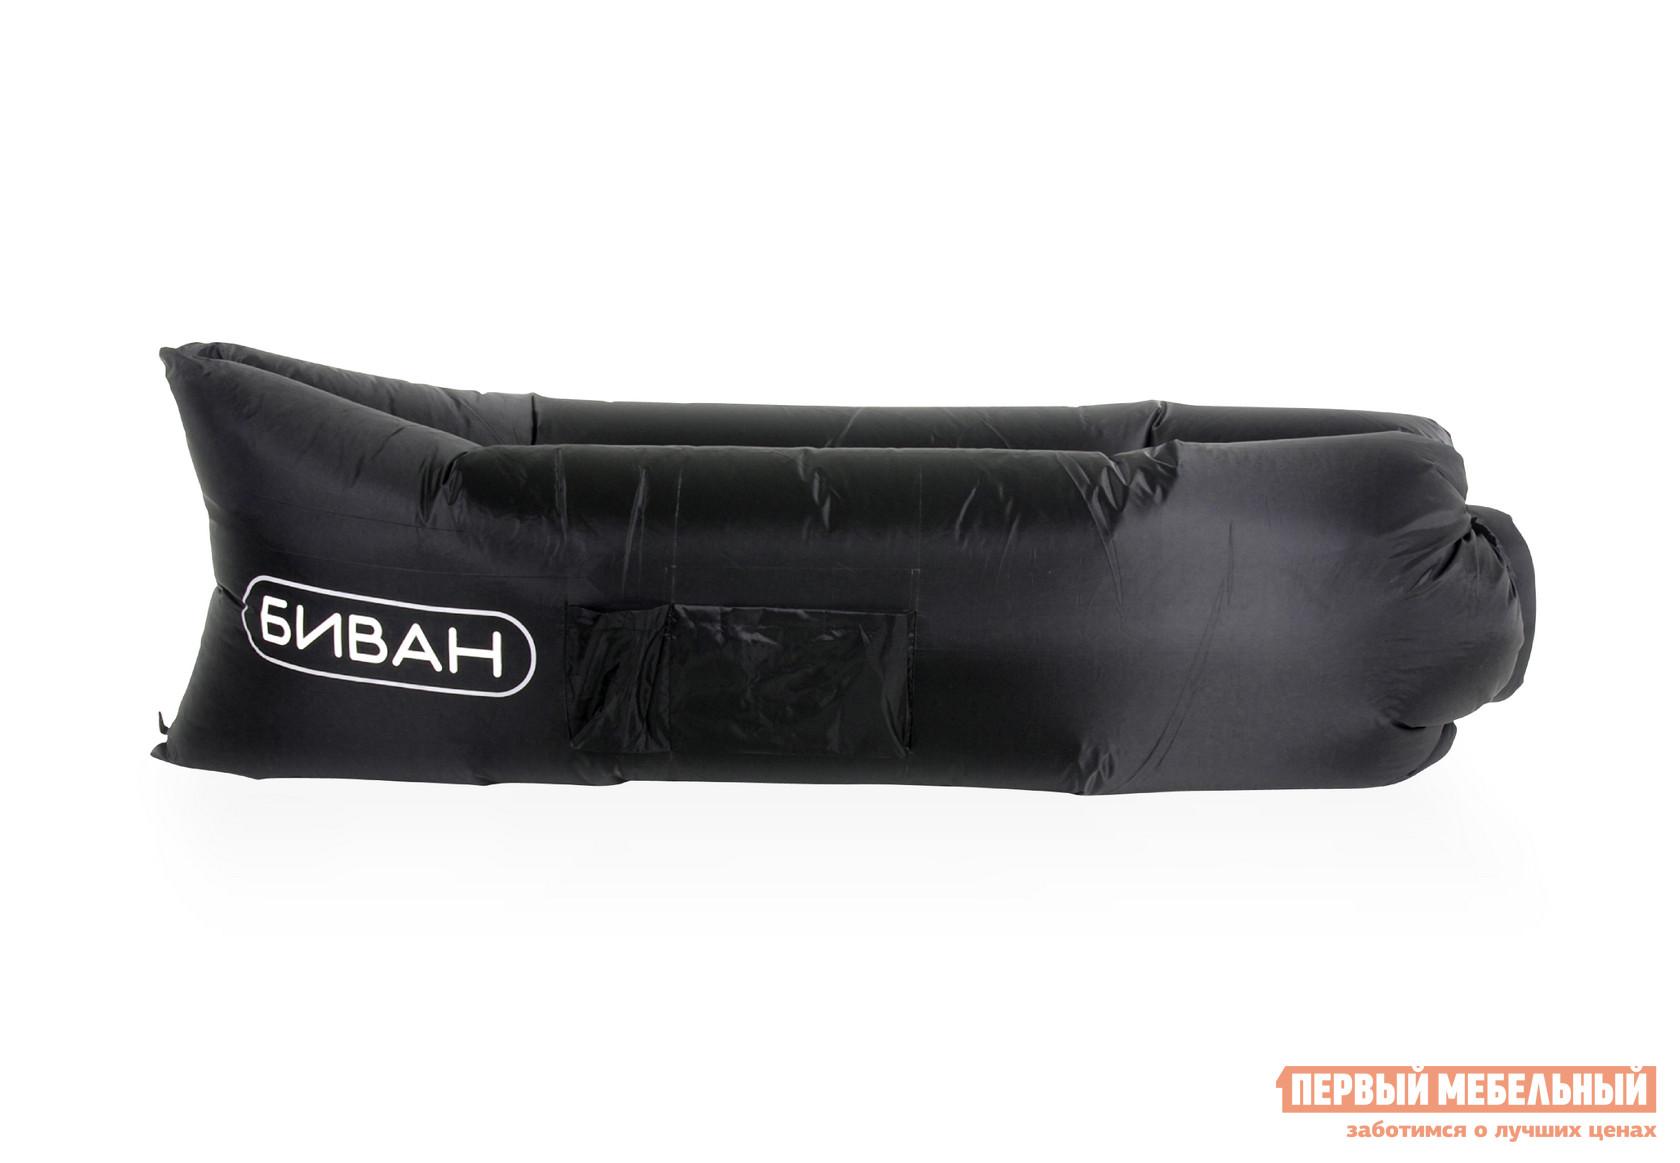 Кресло-мешок Биван Биван ЧерныйКресла-мешки<br>Габаритные размеры ВхШхГ x2500x700 мм. Лежите там где вам хочется, в любое время, в любом месте! Уникальный надувной диван создан специально для тех, кто одинаково сильно любит путешествовать и отдыхать, валяться, спать.  Это настоящая спасательная шлюпка для уставшего путника. В считанные минуты вы сможете создать местечко для ленивого времяпрепровождения.  Диван Биван заменит шезлонги и матрасы на пляже, складные стулья и колючие пледы на пикниках благодаря своей компактности, легкости и удобству использования. В сложенном виде его размеры всего 35 х 15 х 11 см. Полная длина в развернутом виде составляет 250 см, ширина — 70 см. Полезная длина в надутом виде — 200 см, ширина — 90 см. Надувать Биван не только легко, но и весело.  Больше никаких насосов, просто зачерпните воздух парой взмахов в стороны и плотно затяните горловину.  Биван способен удерживать надутое состояние более 12 часов. Сбоку дивана есть два кармашка для всякой всячины — побольше и поменьше.  Также имеется петля для колышка, чтобы ваш Биван неожиданно не сбежал. Модель изготовлена из прочного и технологичного парашютного шёлка. В комплекте идет удобная сумочка для переноски дивана.<br><br>Цвет: Черный<br>Ширина мм: 2500<br>Глубина мм: 700<br>Кол-во упаковок: 1<br>Форма поставки: В разобранном виде<br>Срок гарантии: 1 месяц<br>Тип: Надувные<br>Назначение: Для дачи<br>Назначение: Для улицы<br>Материал: Ткань